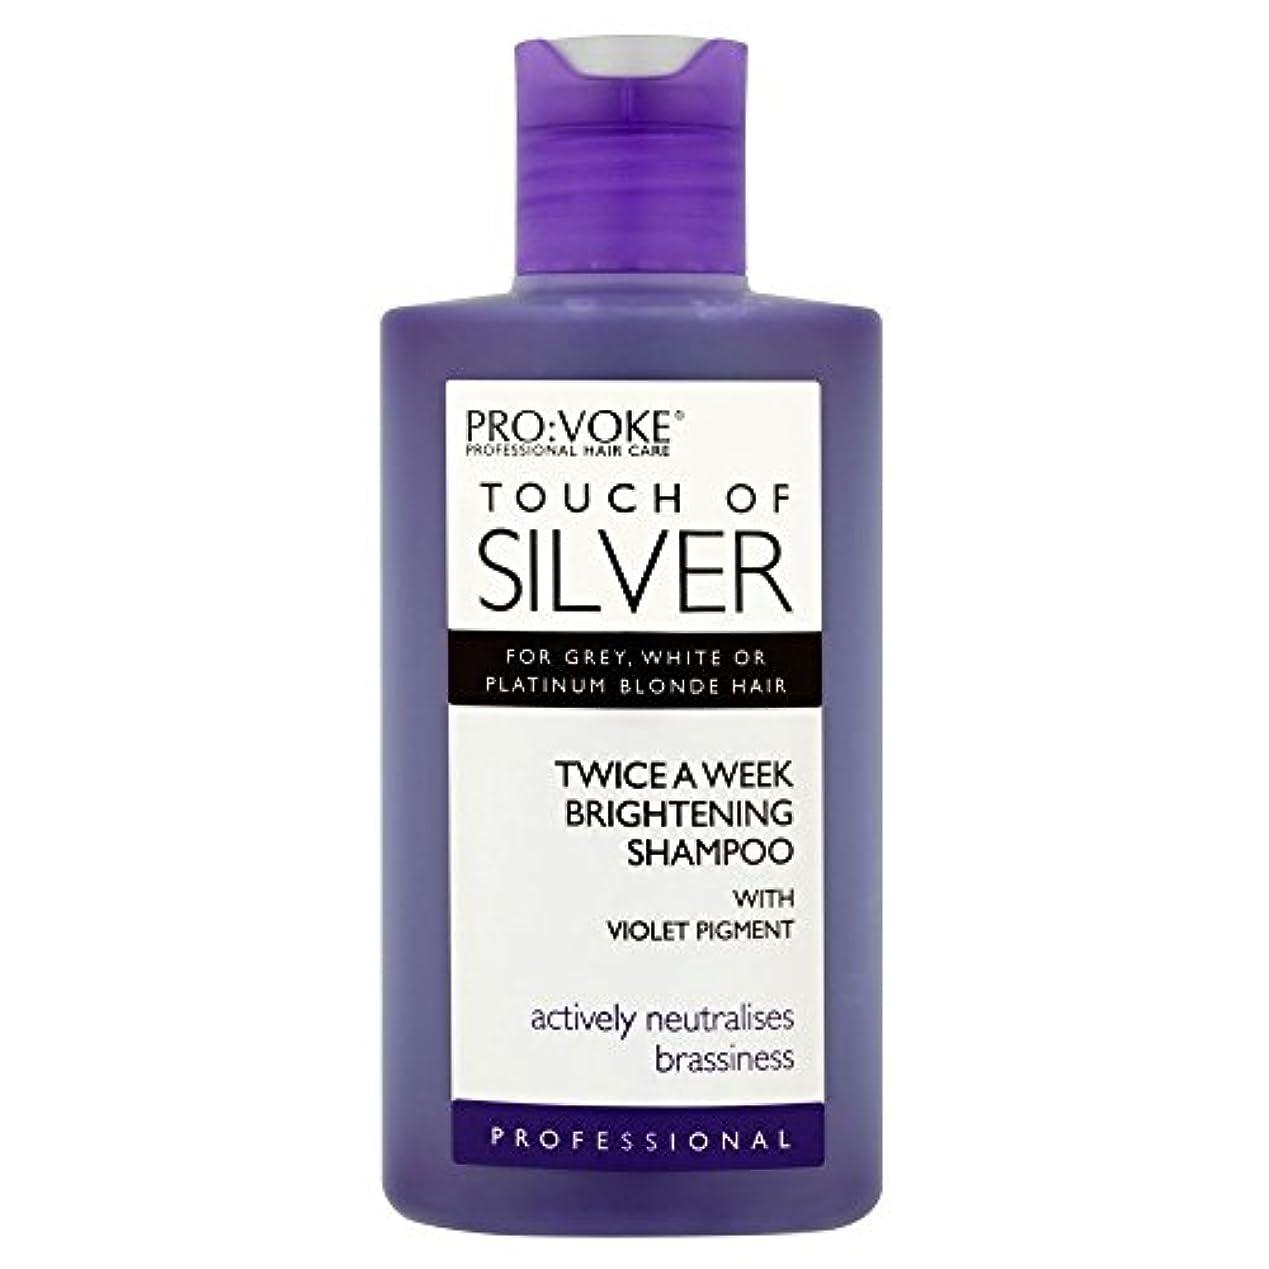 愛情深い叫ぶタックPro:voke Touch of Silver Professional Twice a Week Brightening Shampoo (150ml) プロ:プロの銀二回週白シャンプーのvokeタッチ( 150ミリリットル...